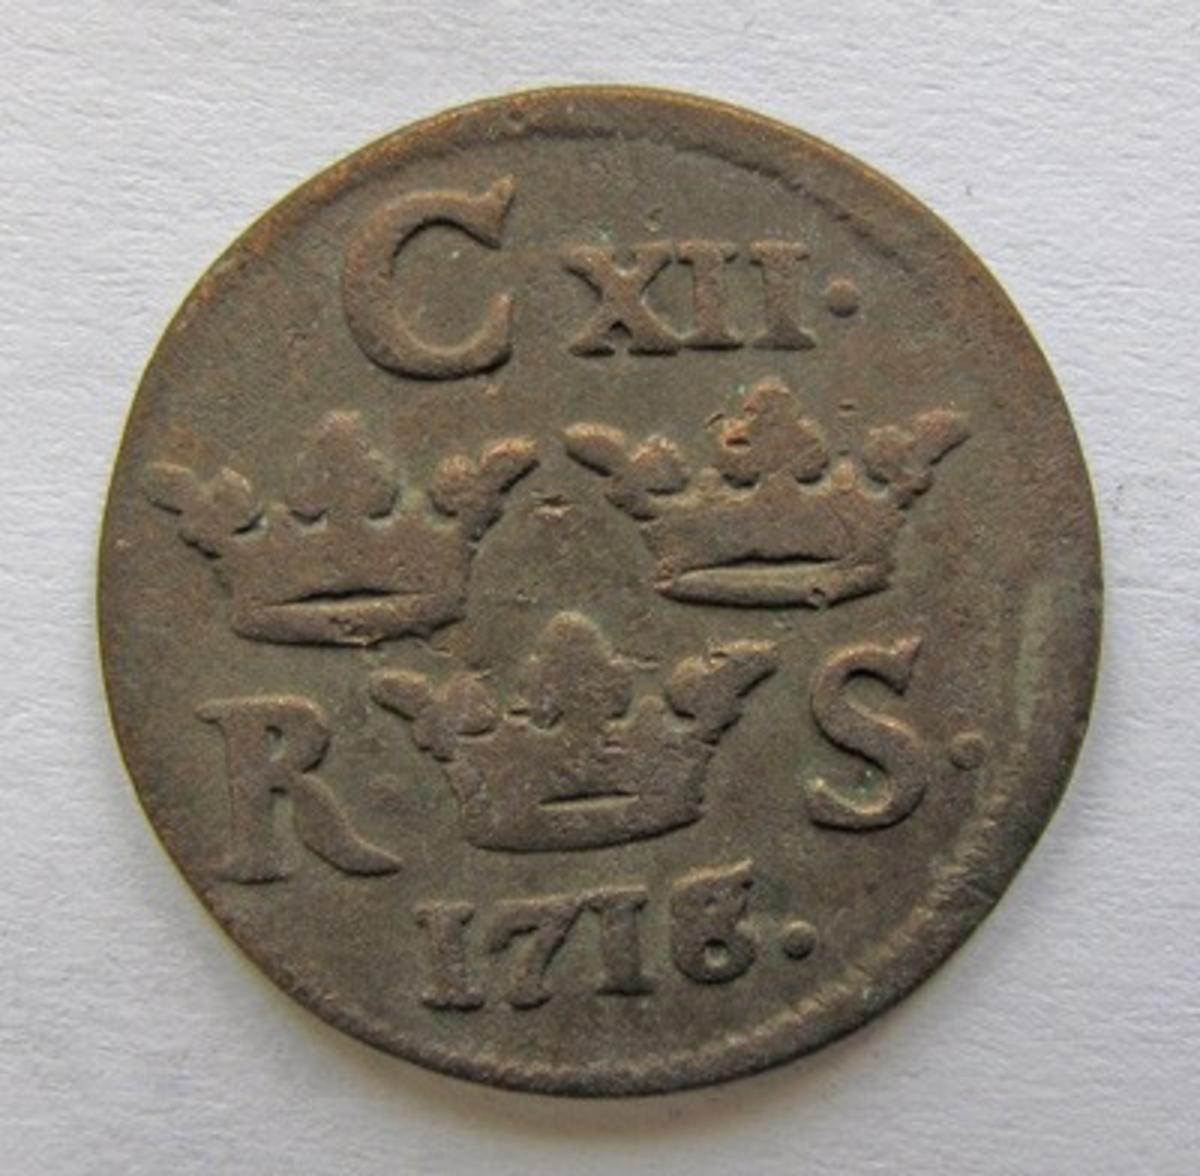 Karl XII, 1/6 öre SM kopparmynt. Präglat i Avesta 1718.